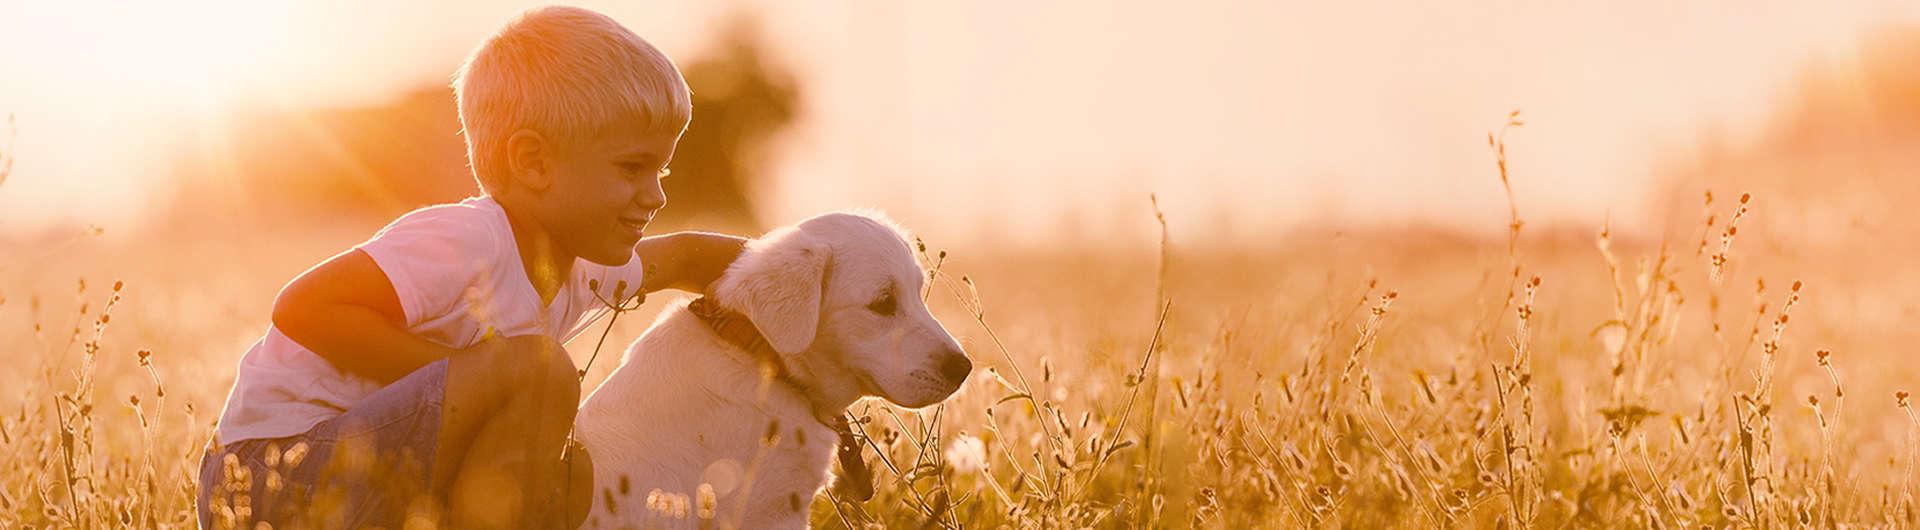 DEVK Hundehaftpflicht & Hundeversicherung